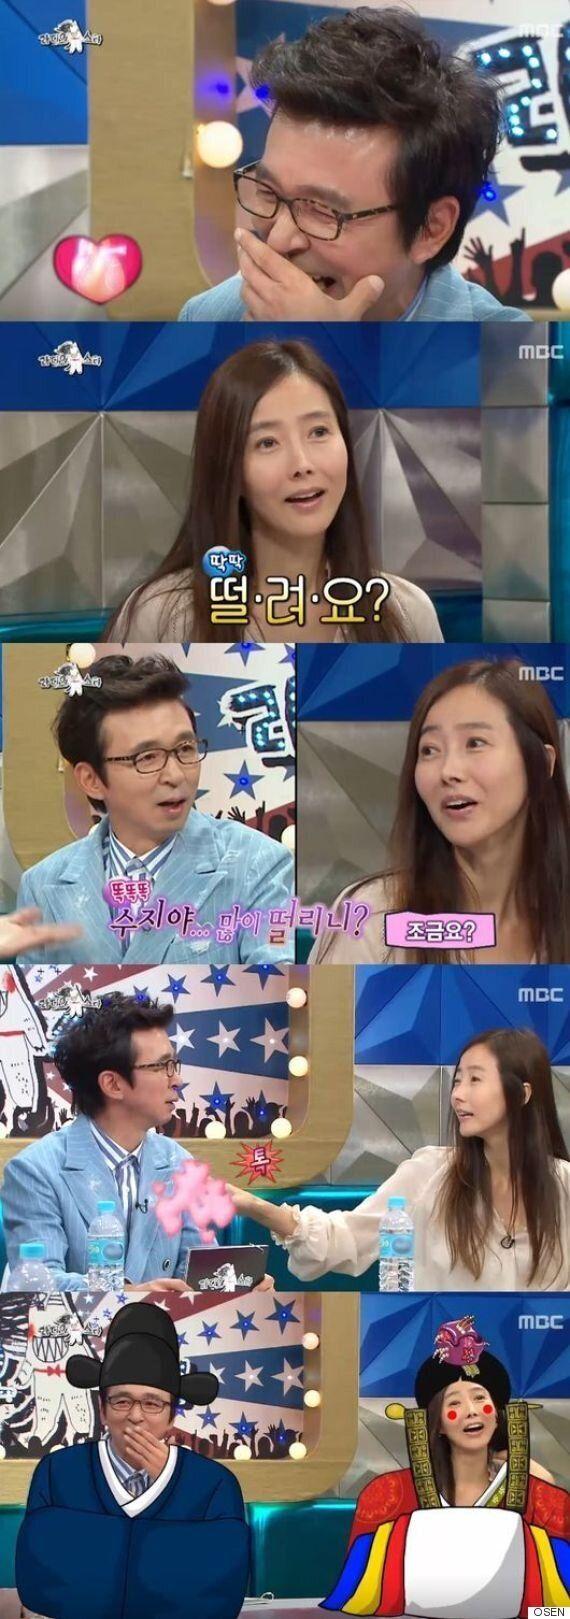 [어저께TV] '라스' 치와와 김국진, 이렇게 로맨틱한